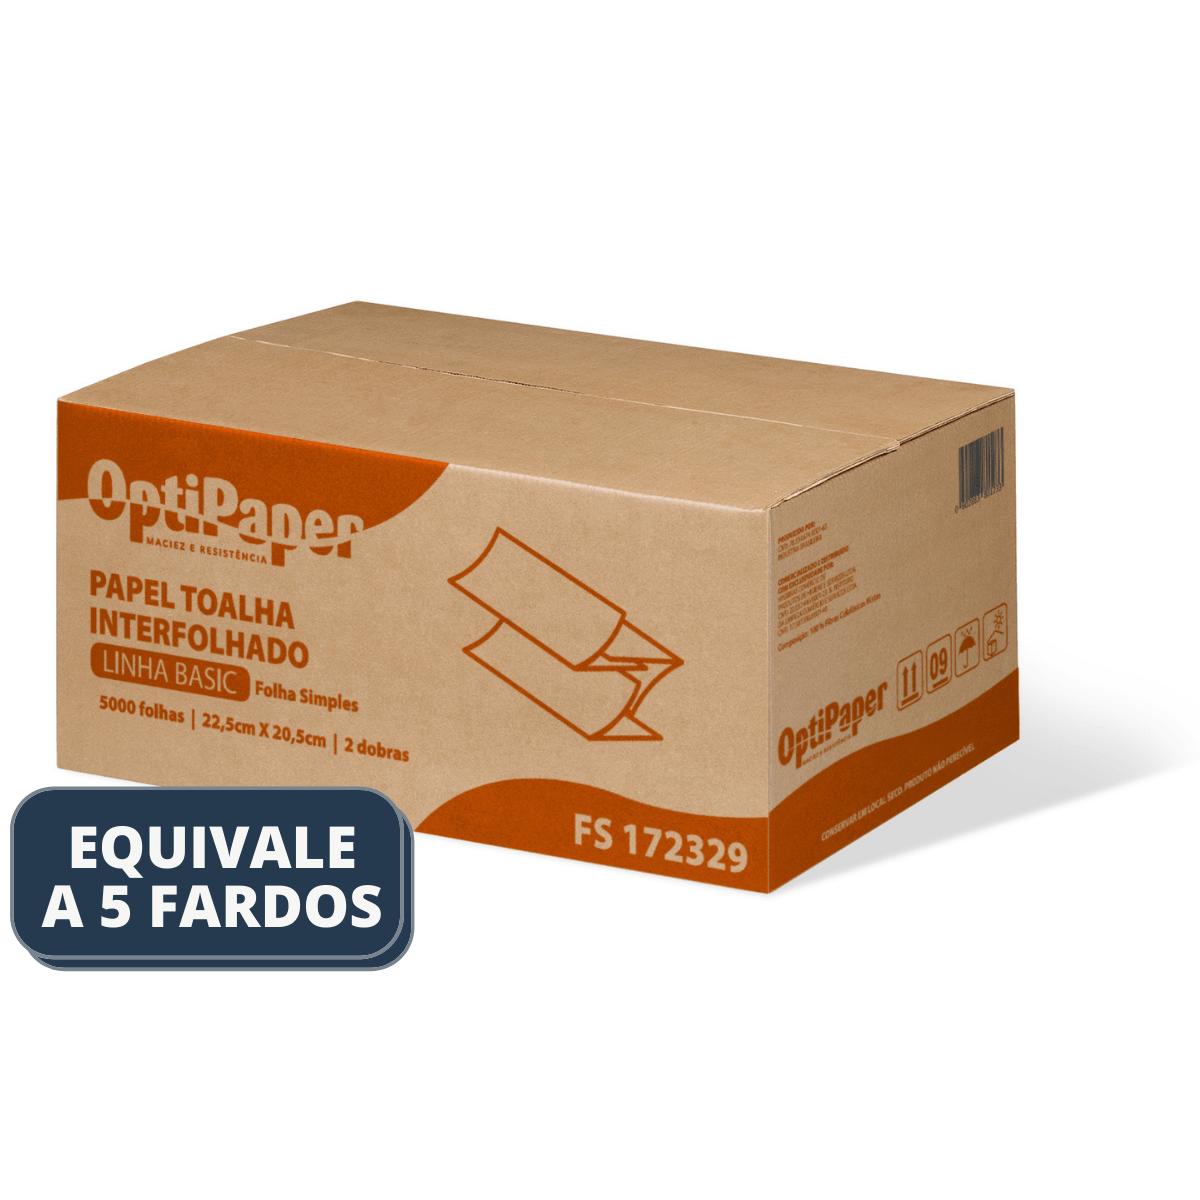 Papel Toalha Interfolhado 2 Dobras – 5000 folhas - 100% Celulose - Caixa 20 pacotes de 250 Folhas